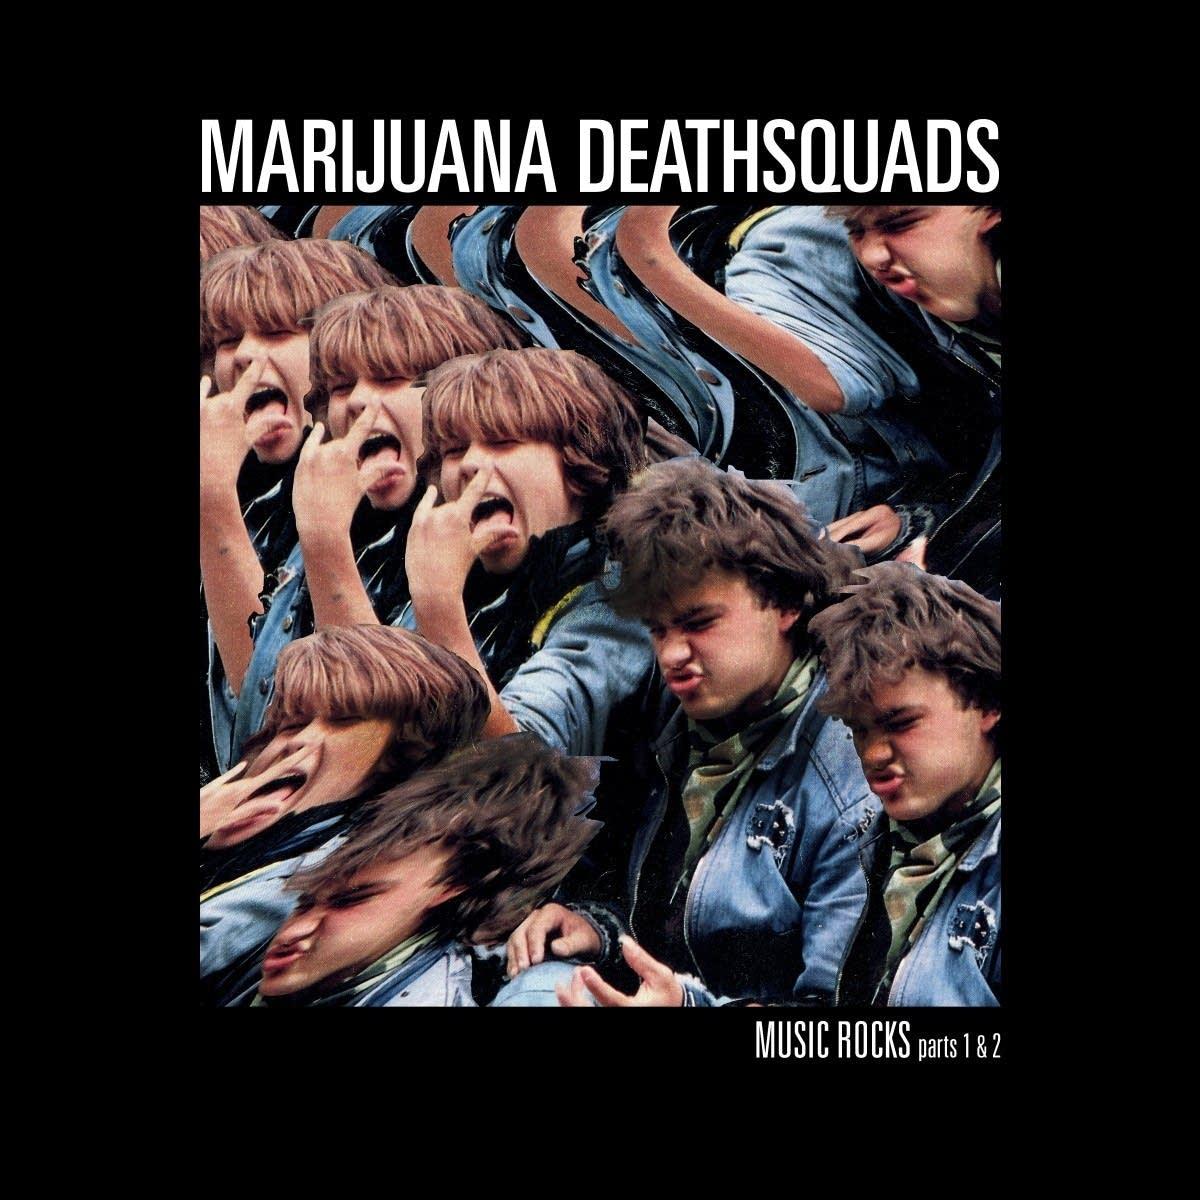 Marijuana Deathsquads